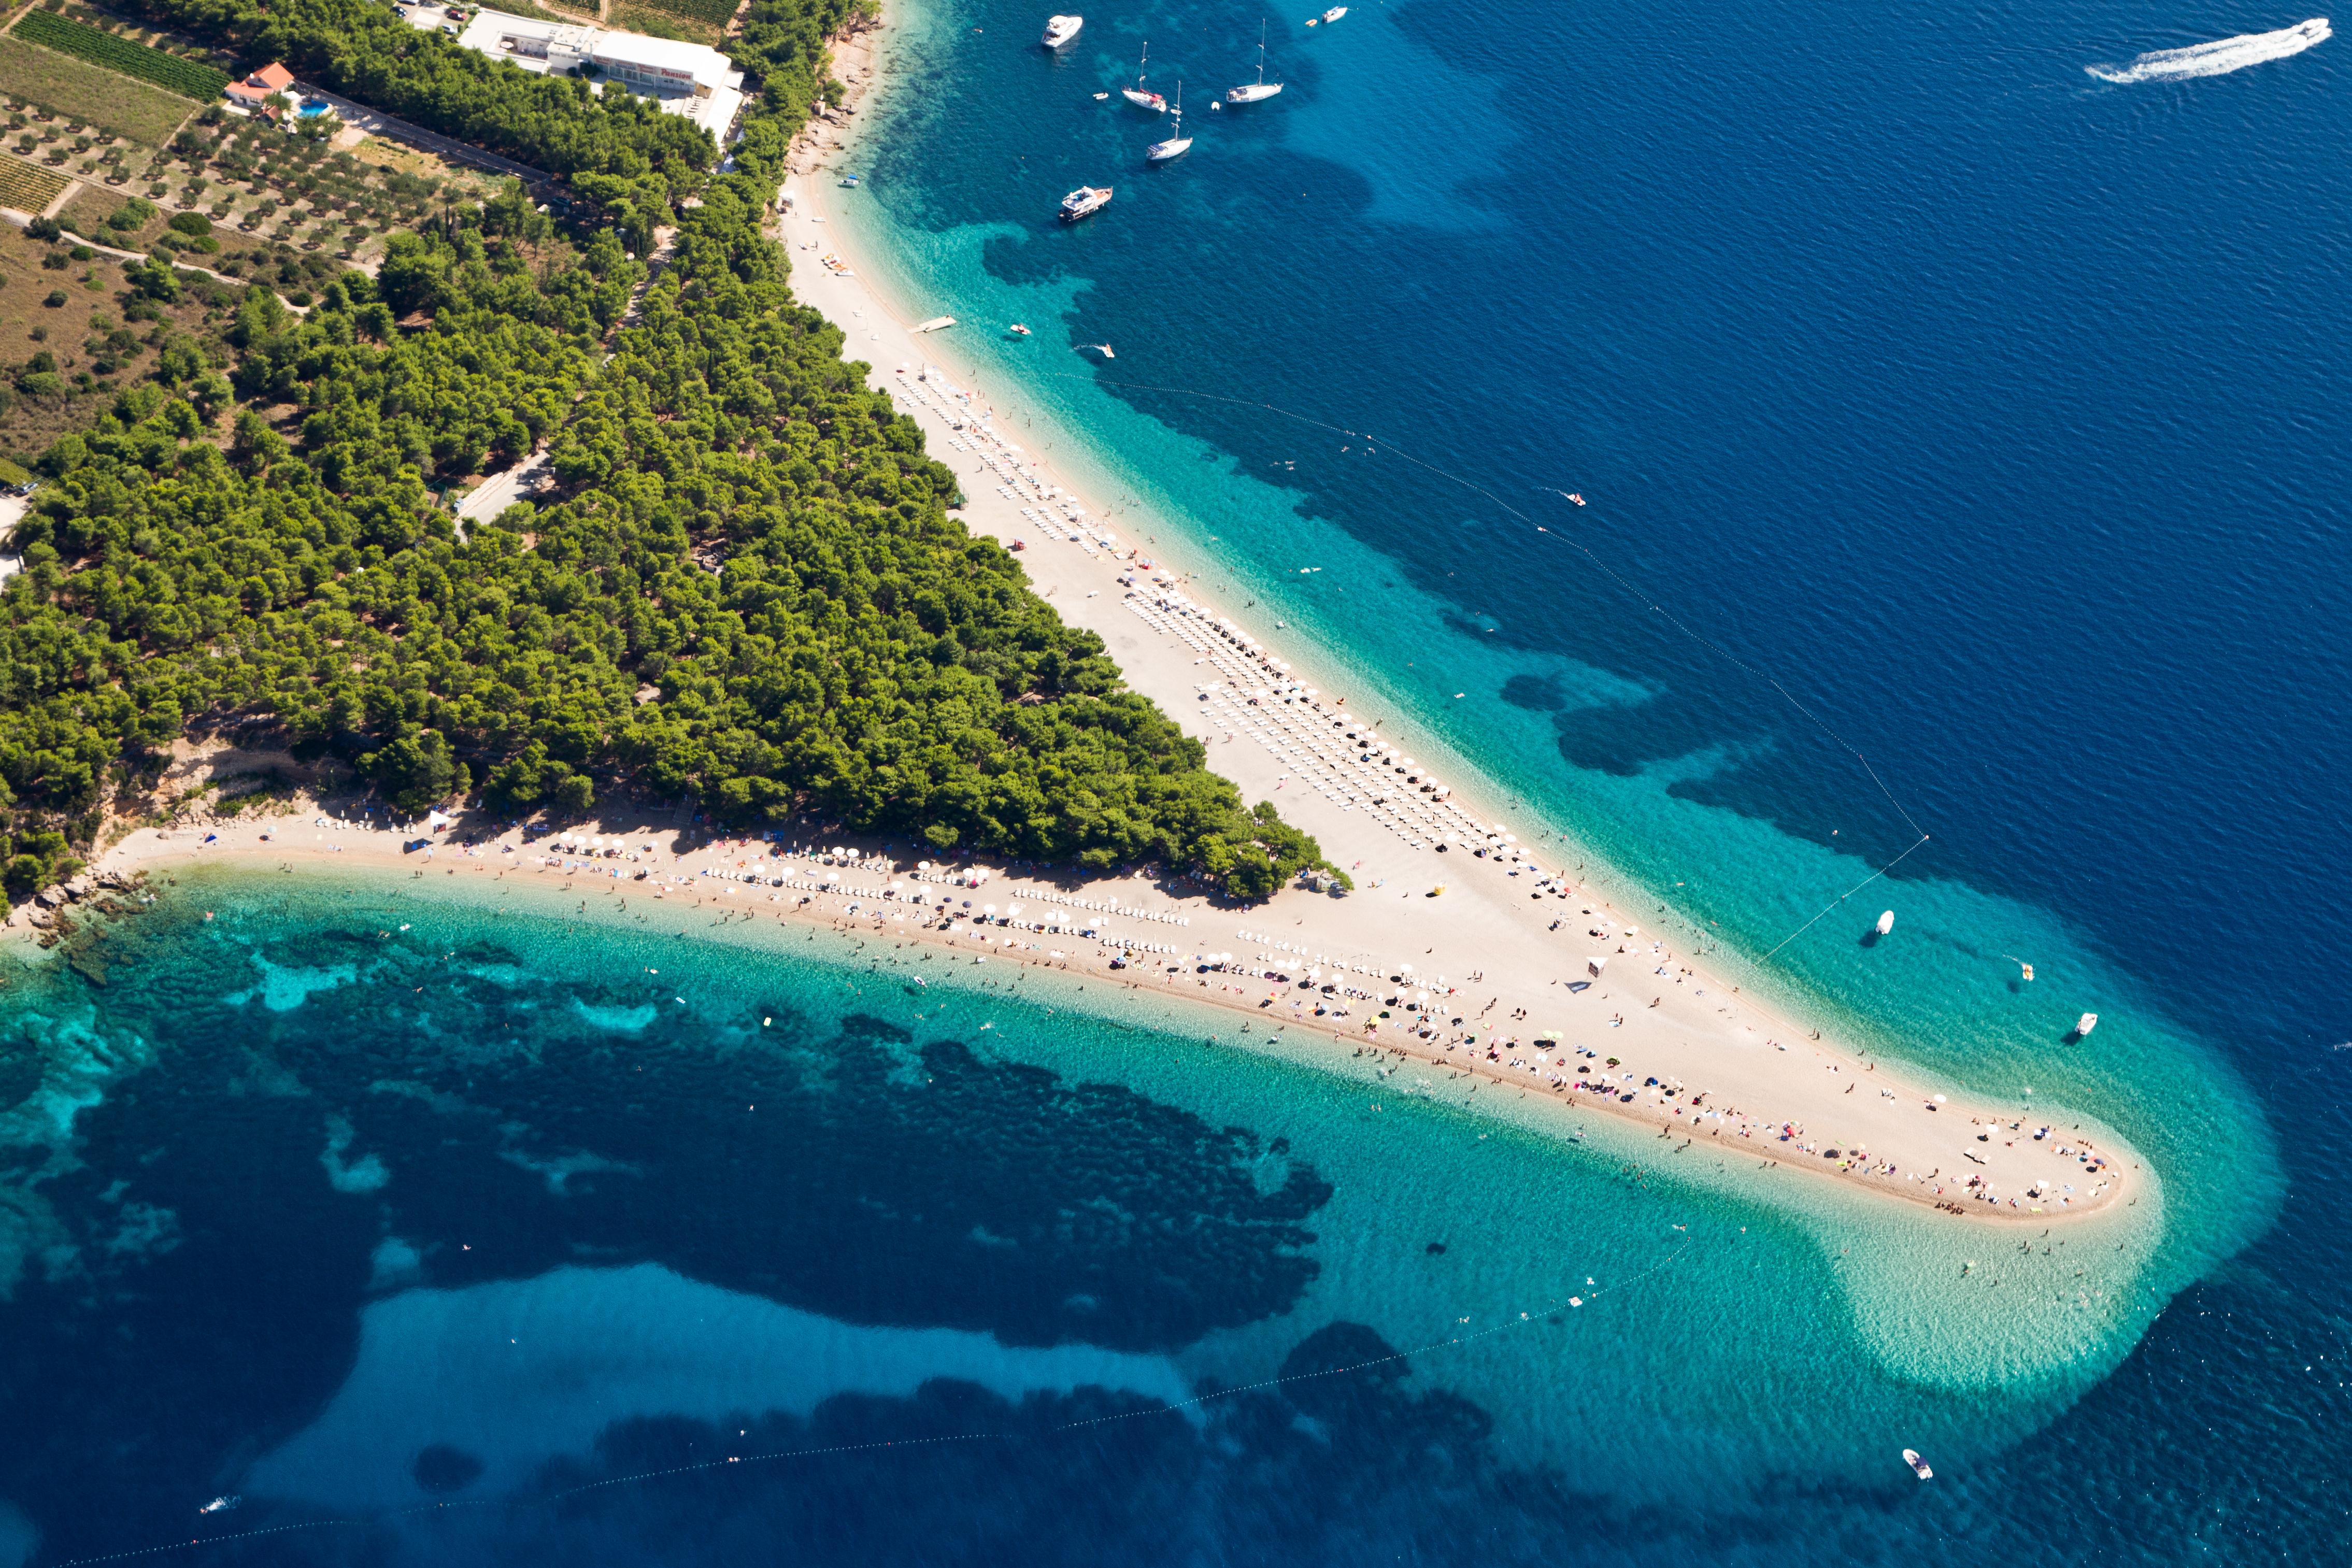 Croatia reports record 18.5 mln tourist arrivals in 2017